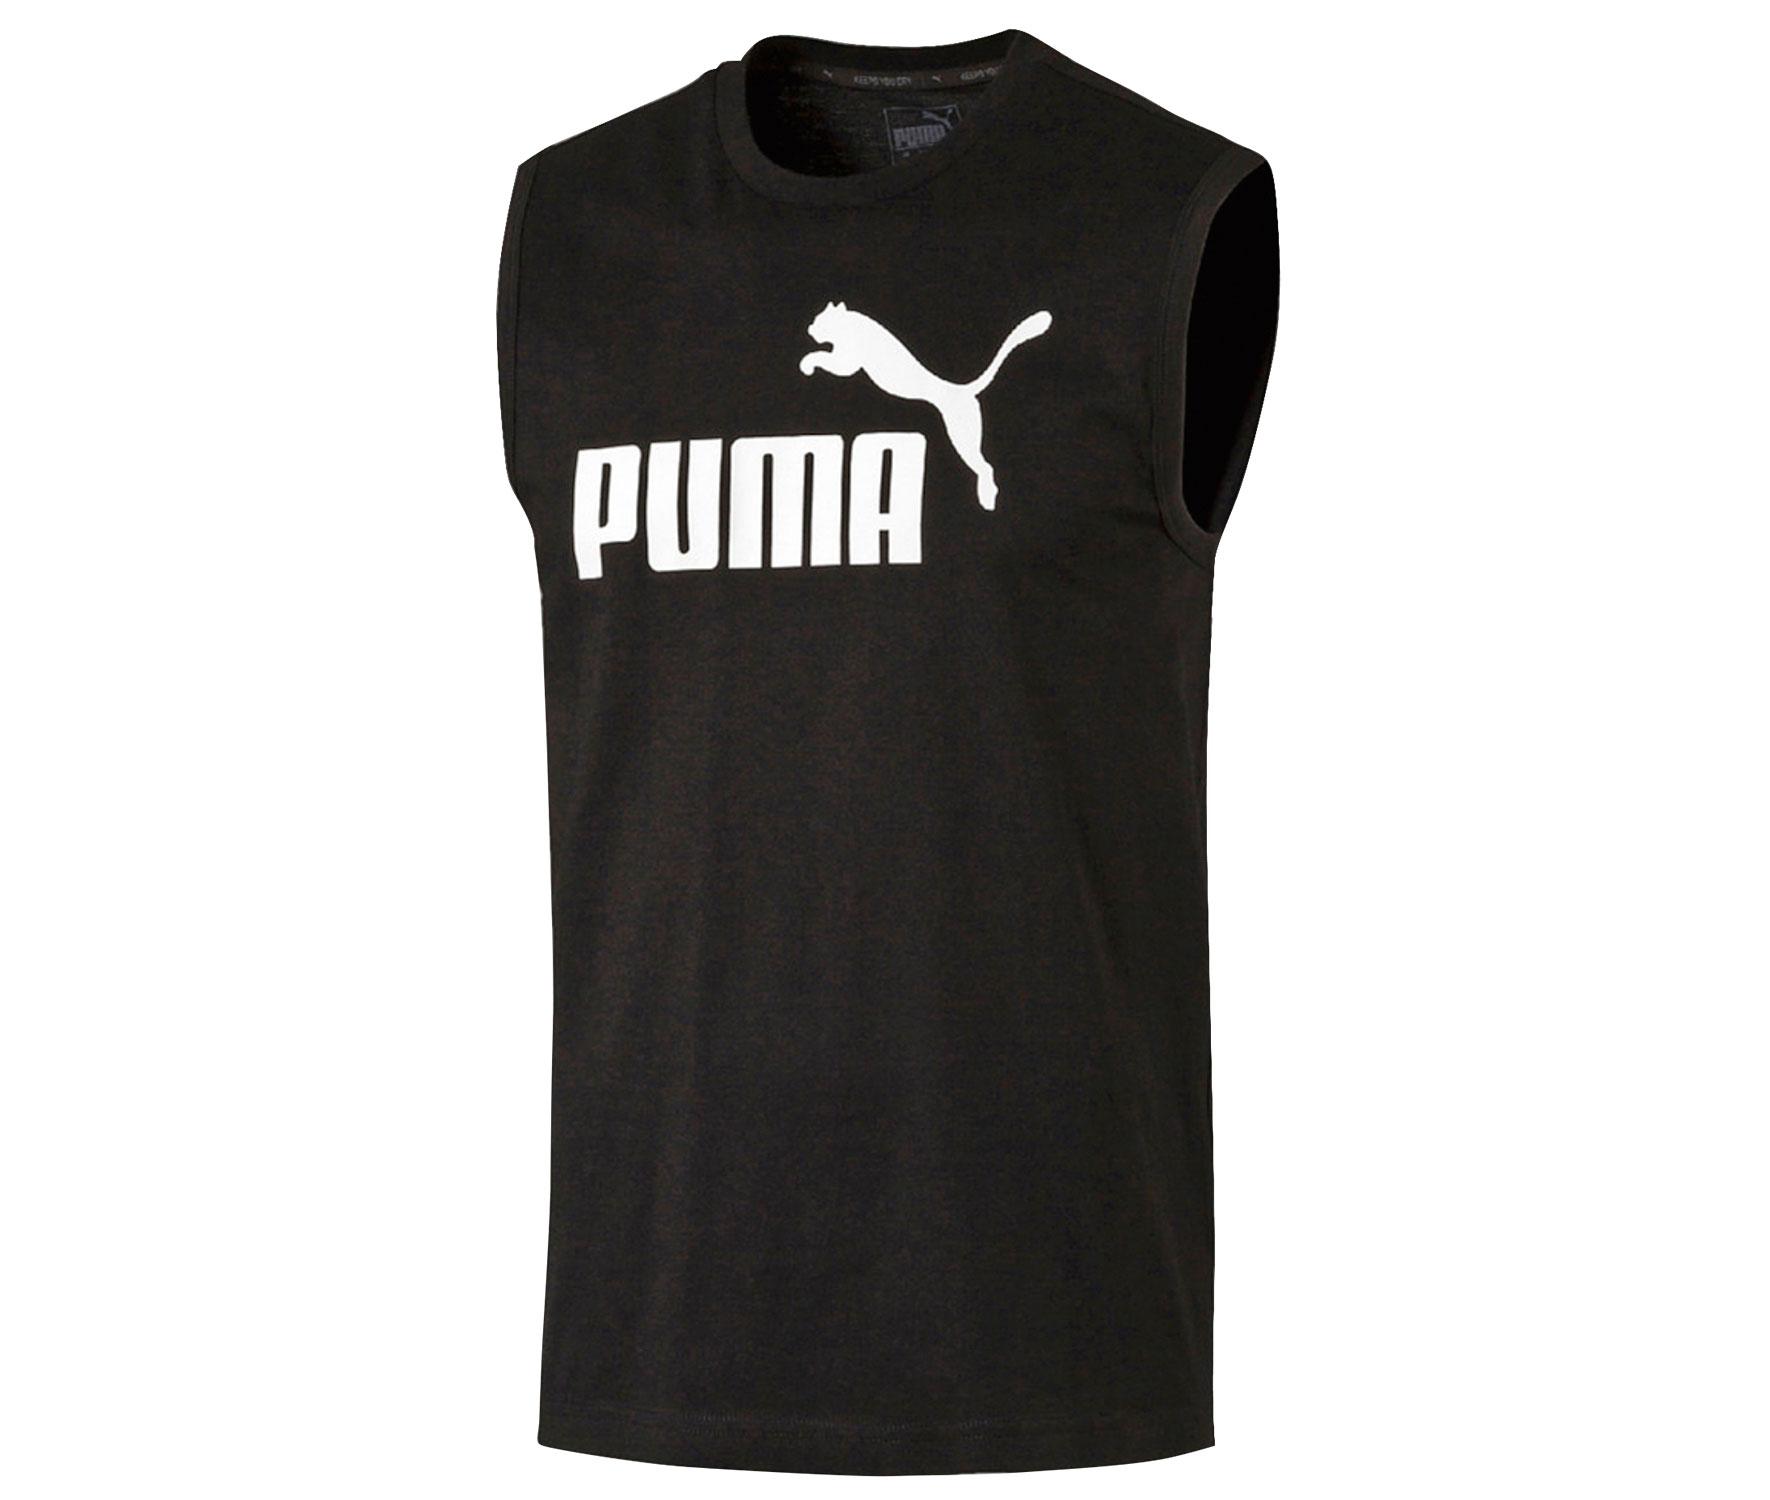 Puma | Marken | Sport | Kaufhaus Martin Stolz GmbH